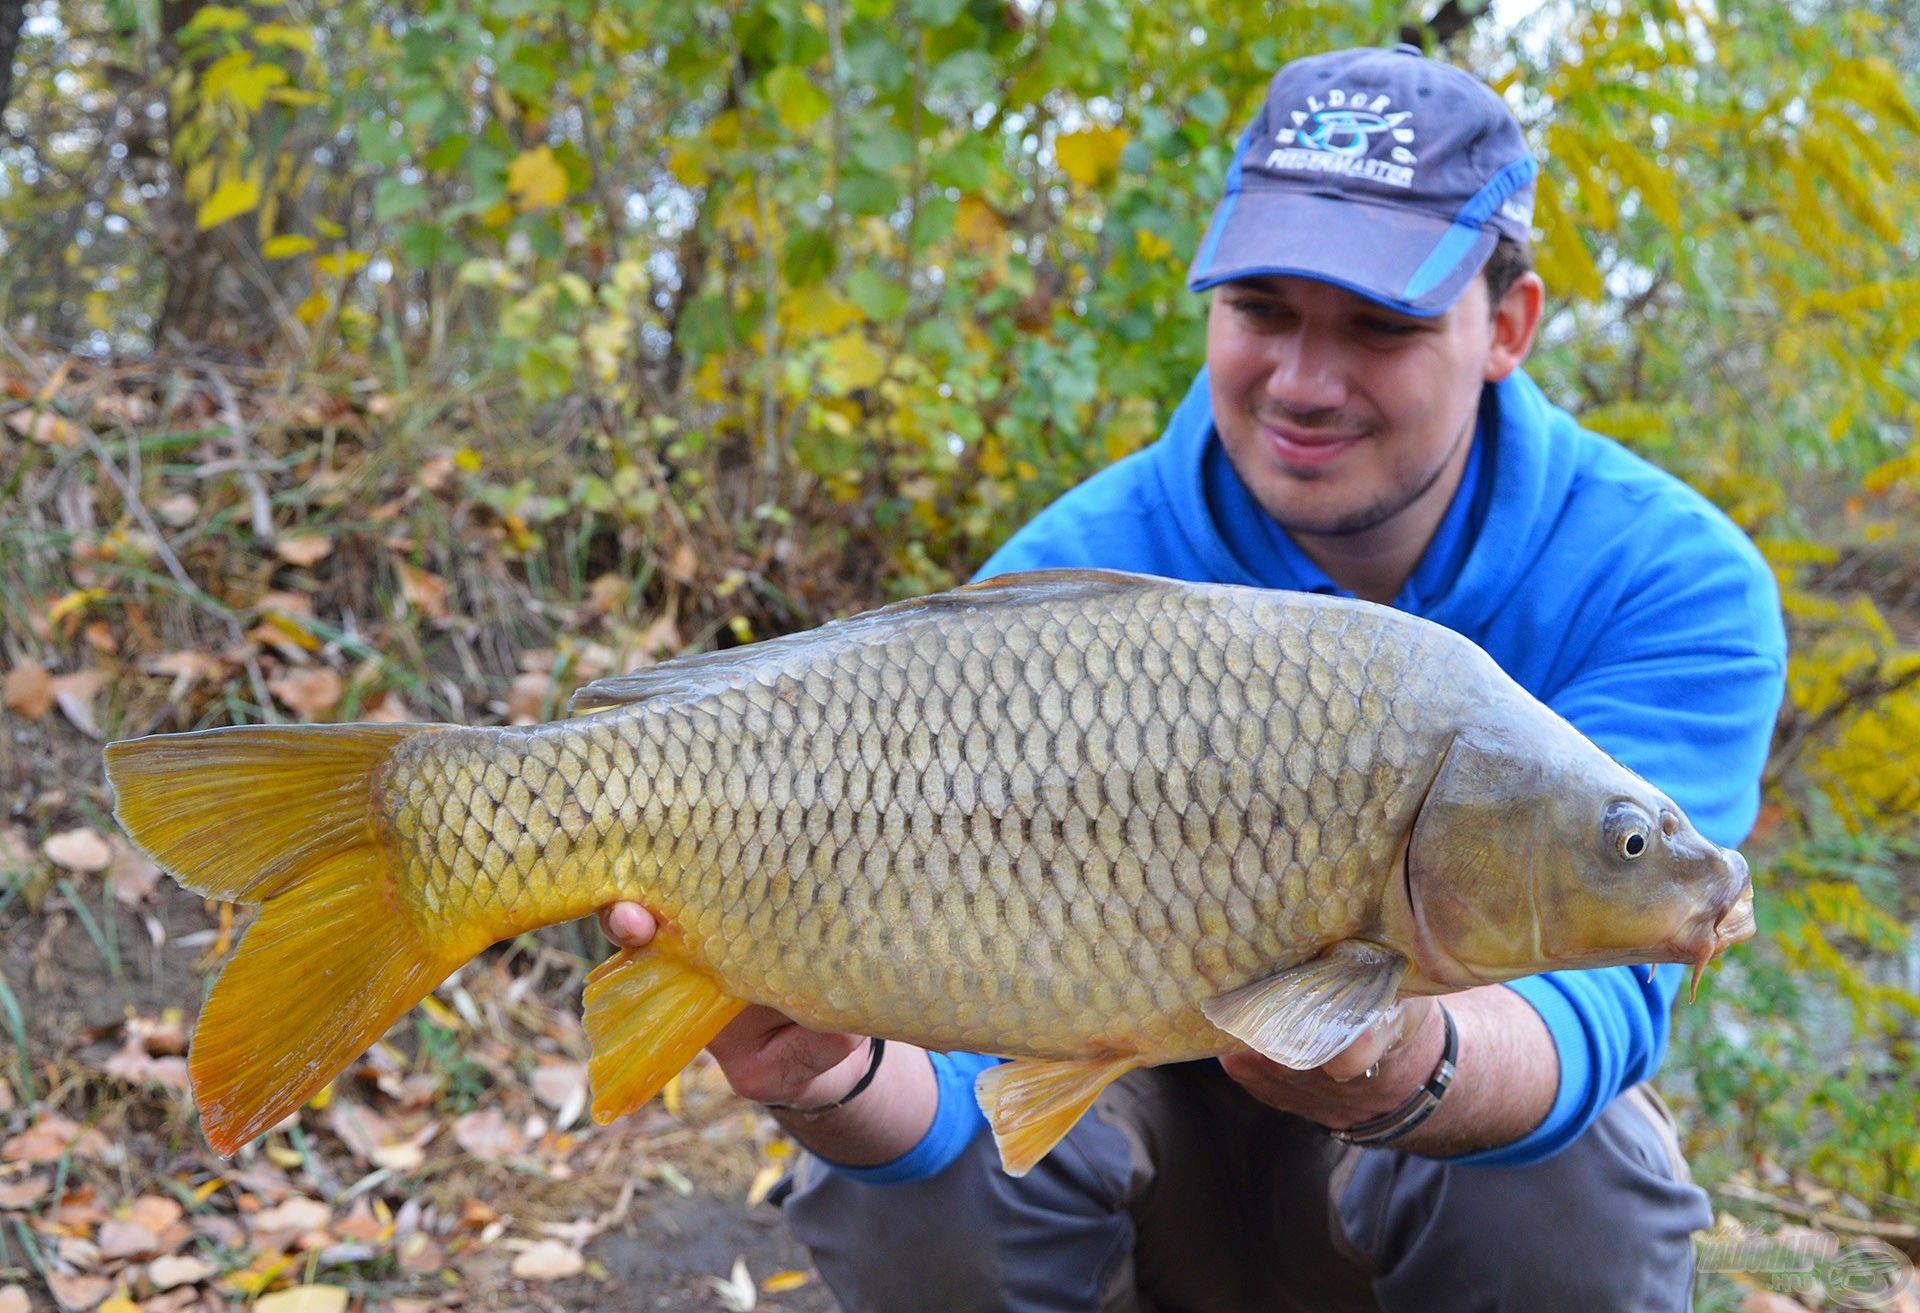 Jellegzetesen szép, egészséges halak lakják a tavat, melyik közül ez a méret a leggyakoribb